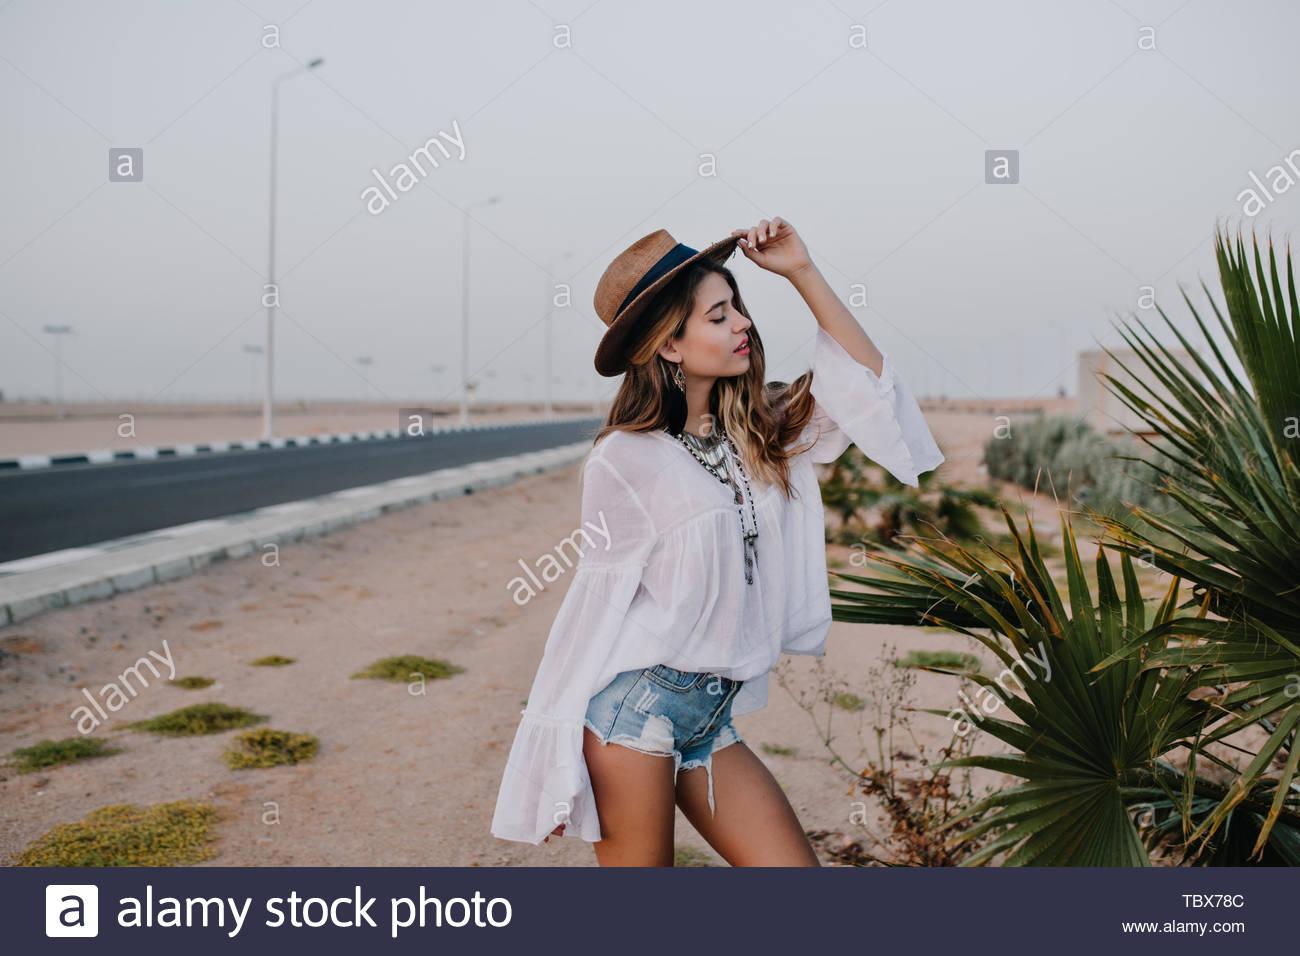 7318280ac31b0c Anmutiges Mädchen tragen weiße Bluse und trendigen Hut posiert mit den  Augen neben exotischen Pflanze vor